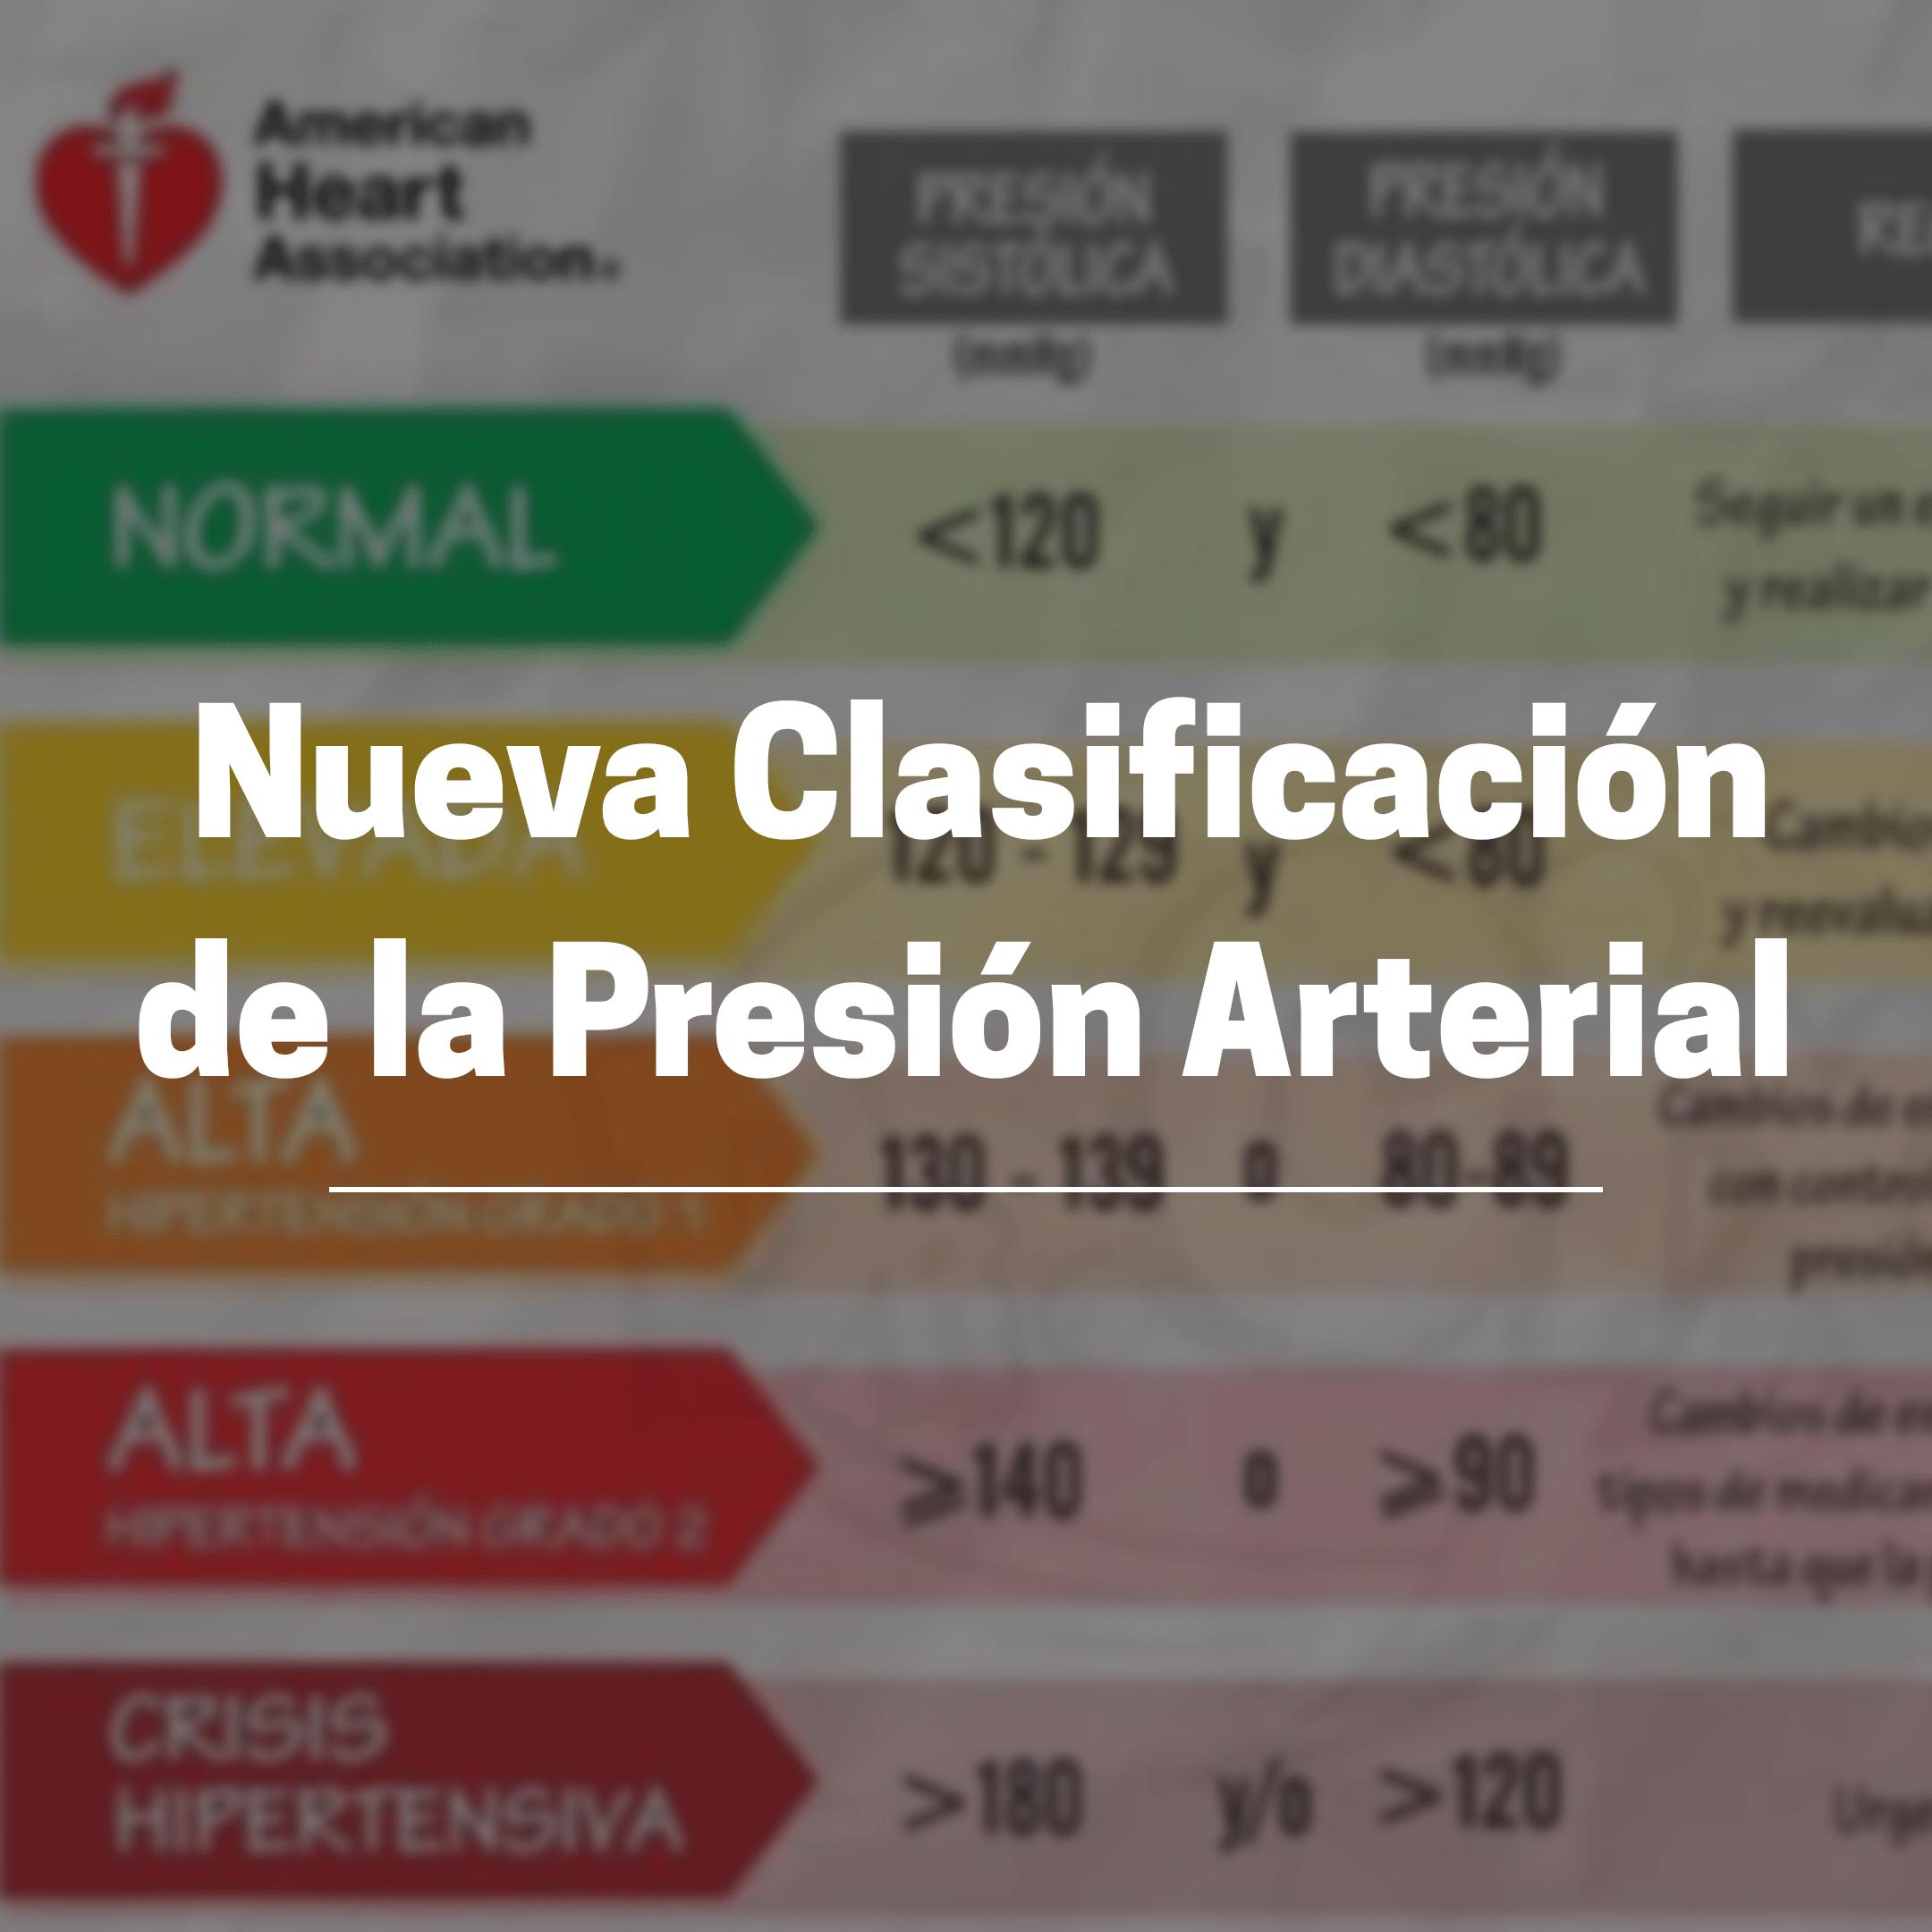 PRESIÓN ARTERIAL NUEVA CLASIFICACIÓN